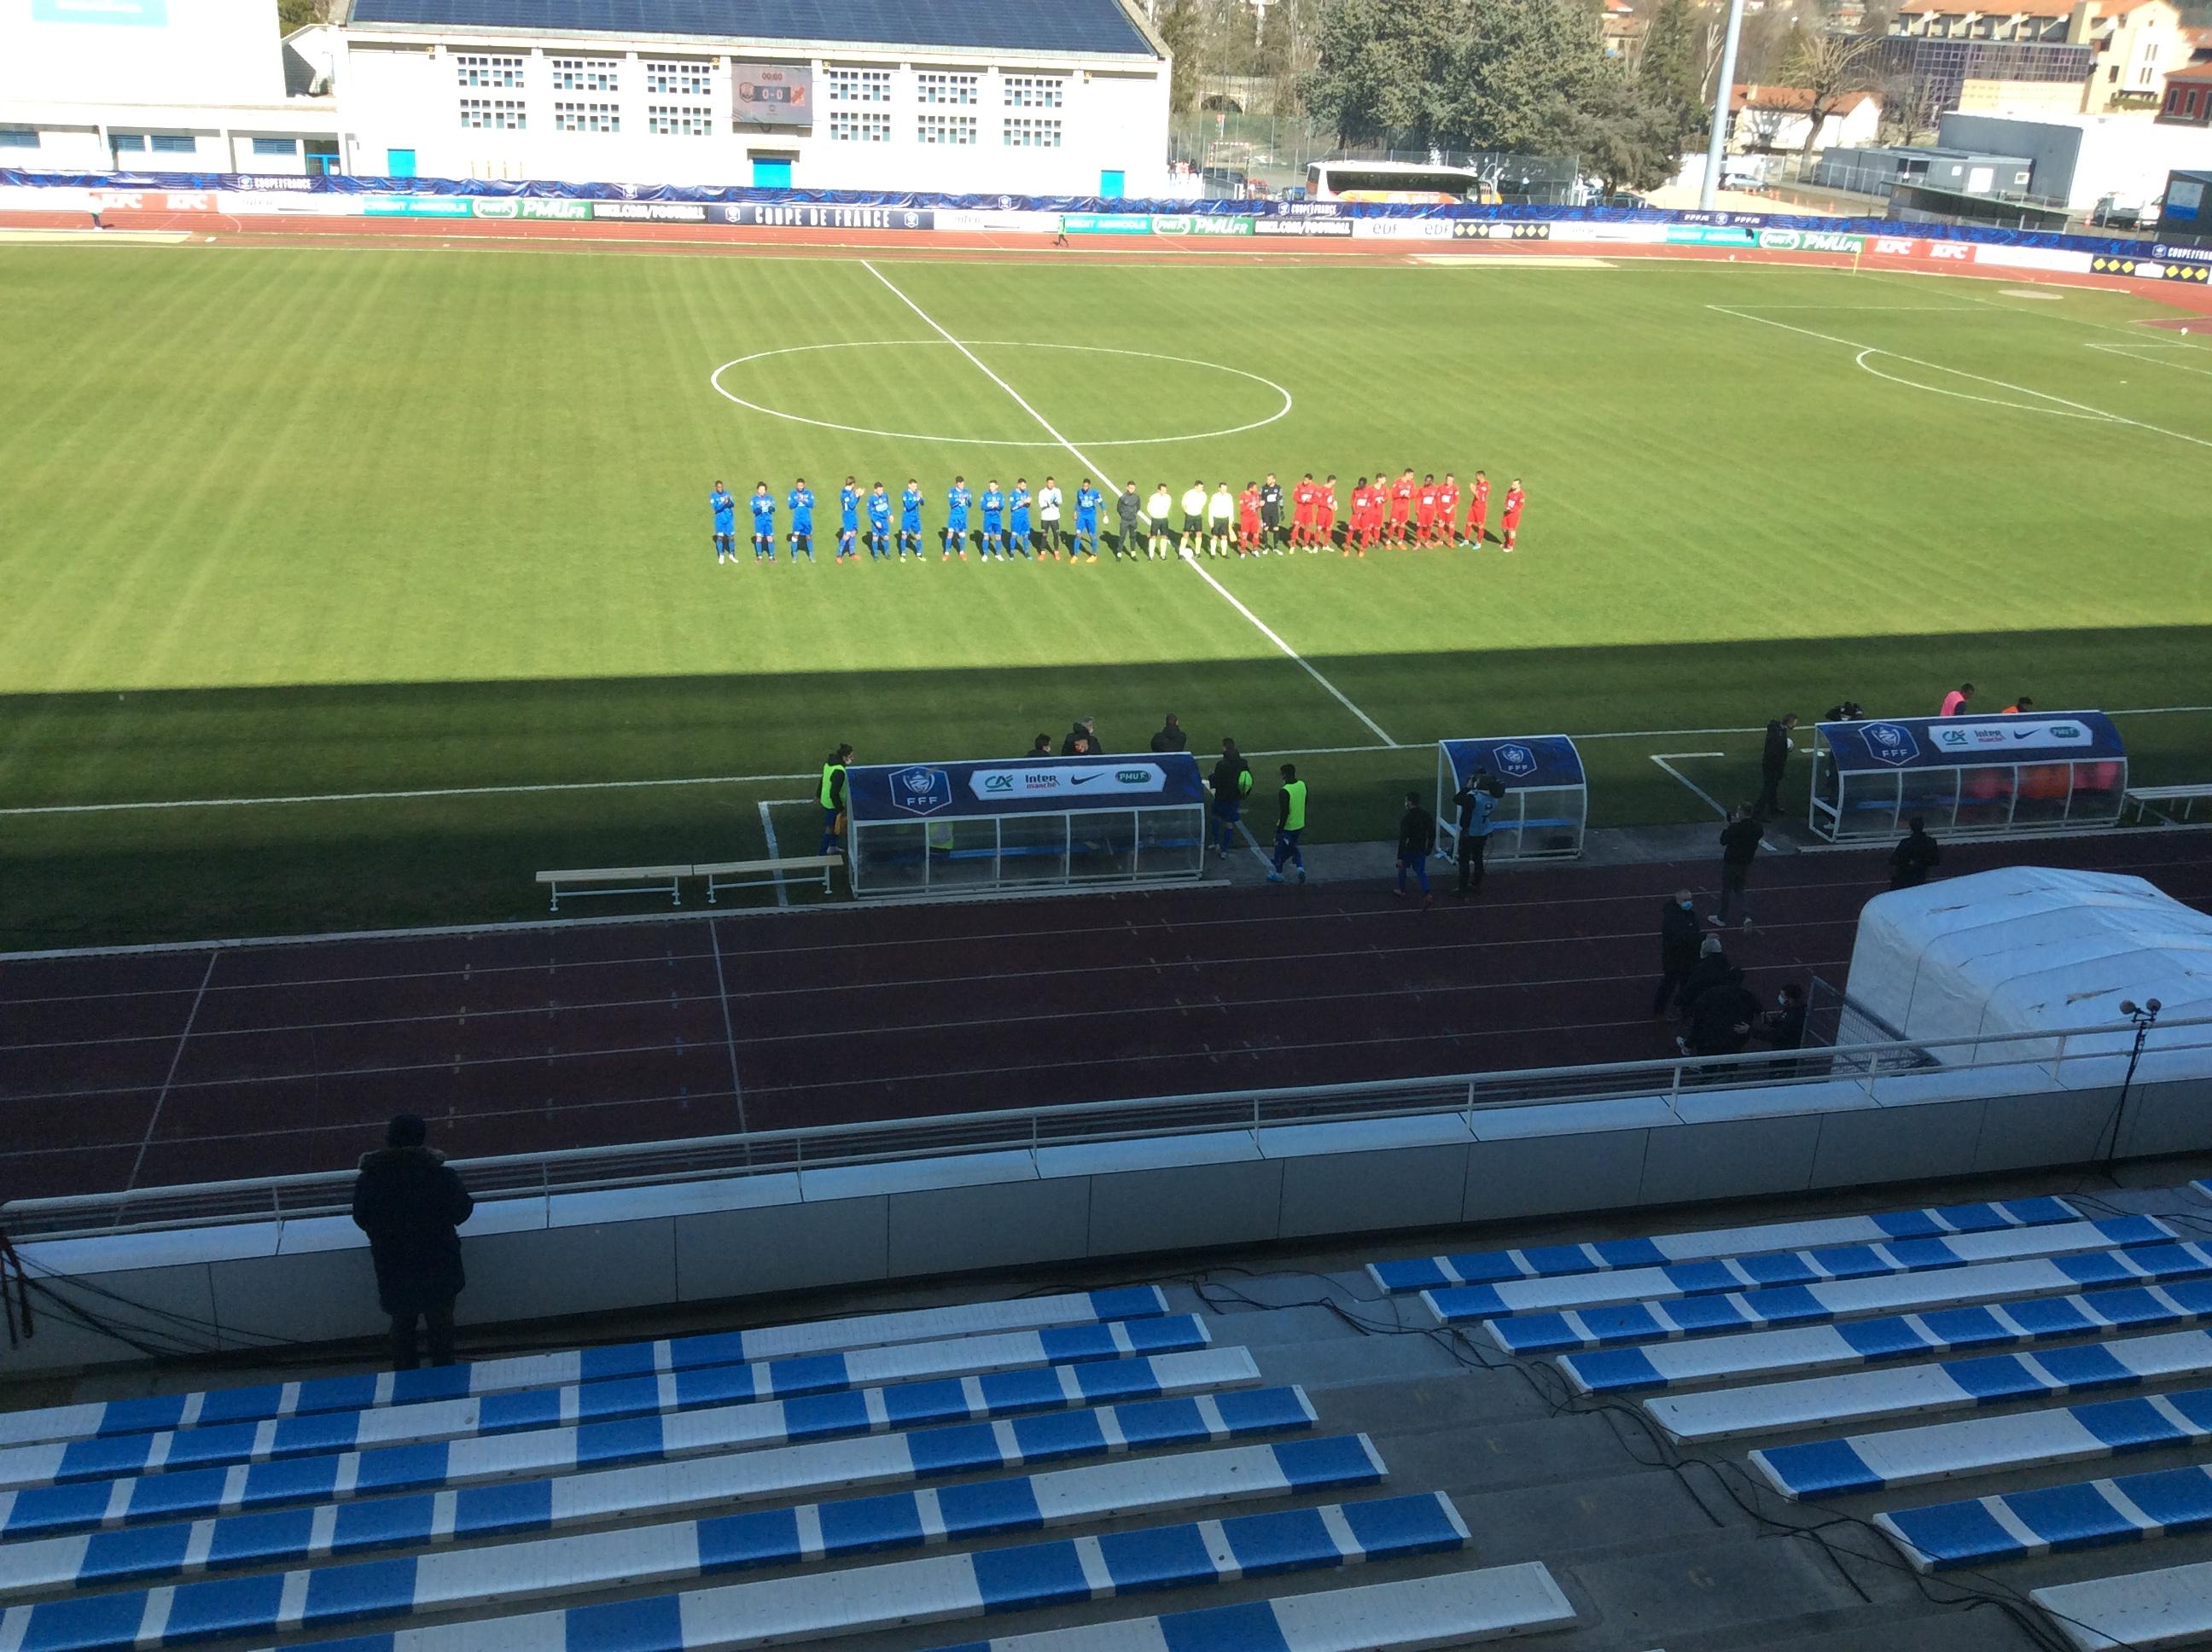 32 eme de finale de la coupe de france le puy foot 43 auvergne 0-0chamalieres (le puy qualifie 5-4 au tirs au buts